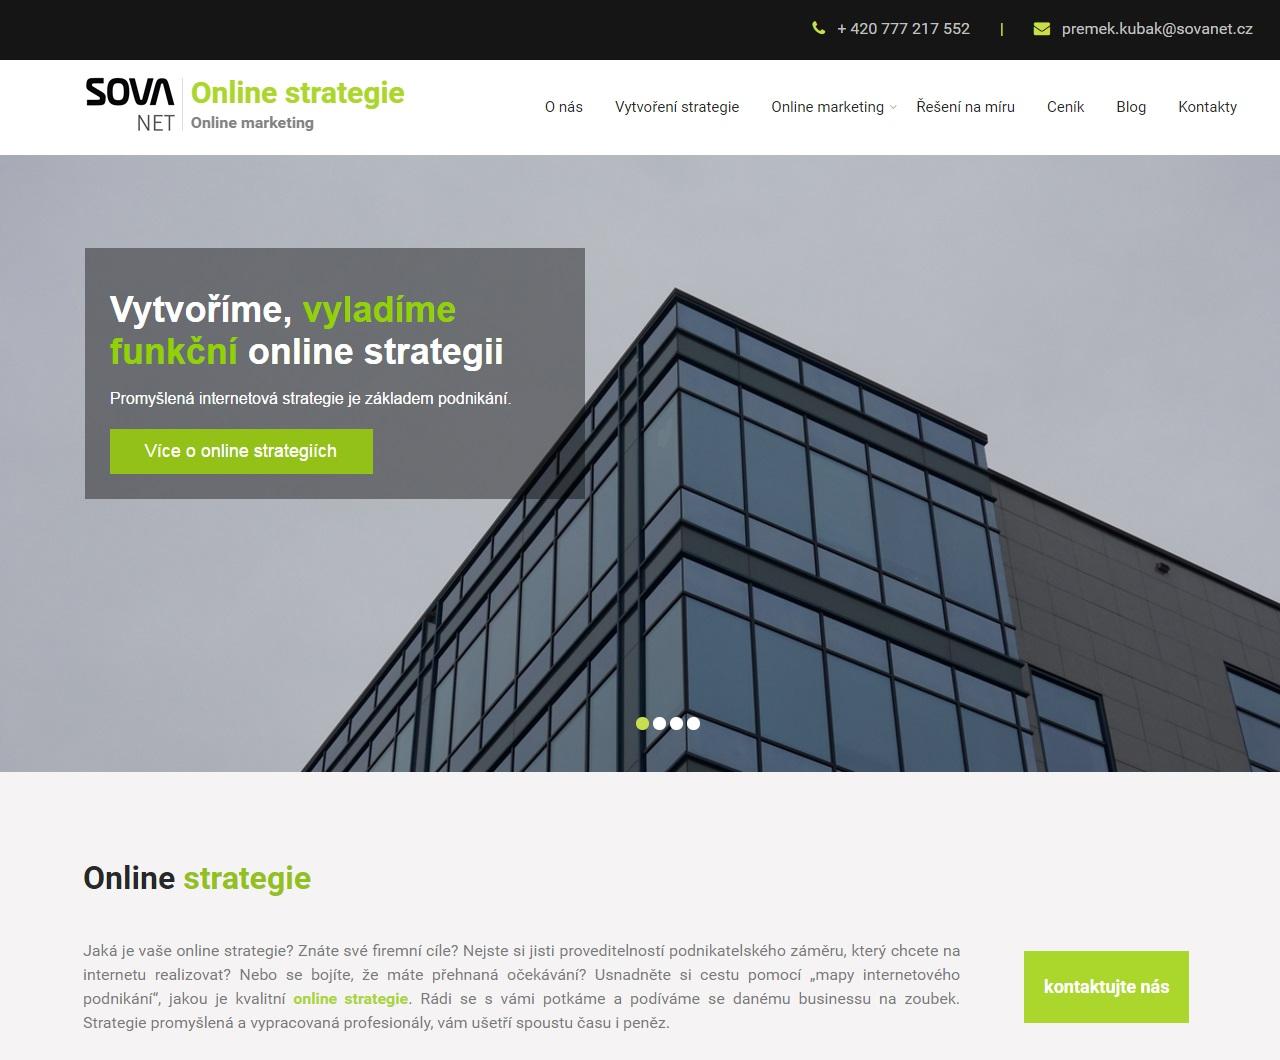 Internetovestrategie.cz